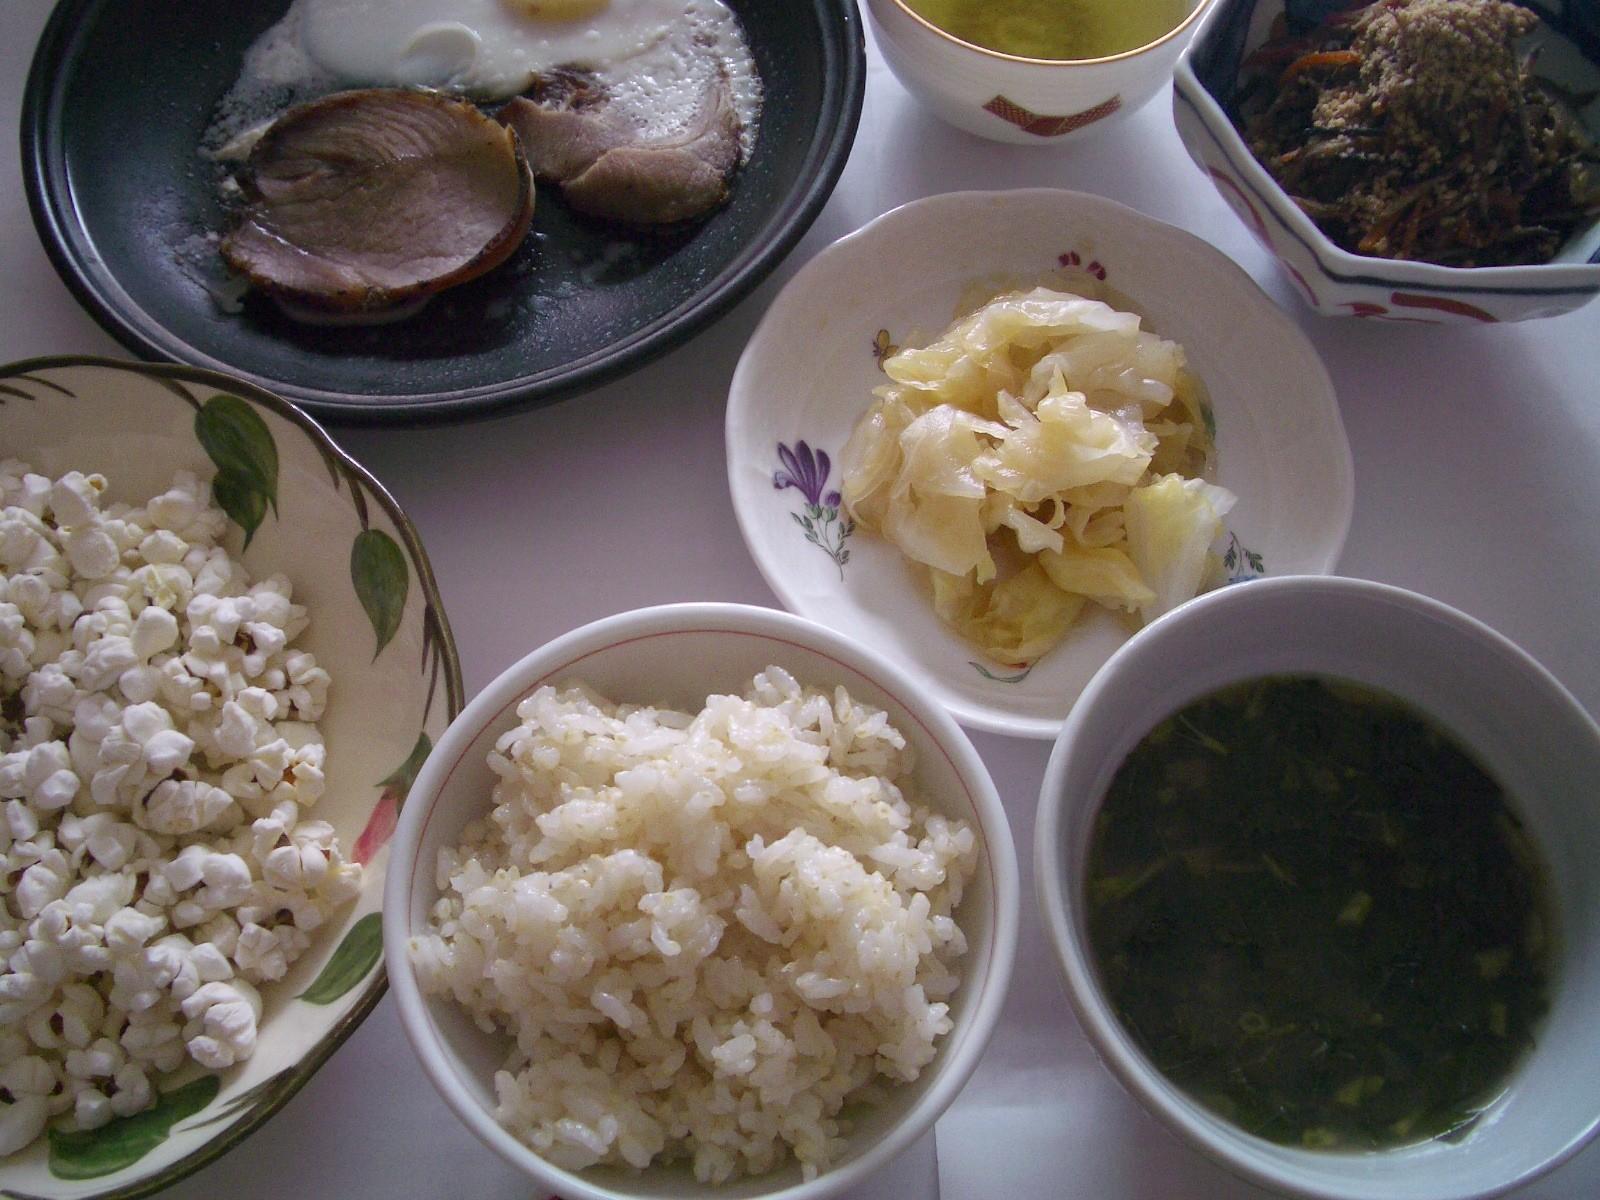 ごはん、モロヘイヤのスープ、ハムエッグ、キャベツの甘酢漬け、きんぴら